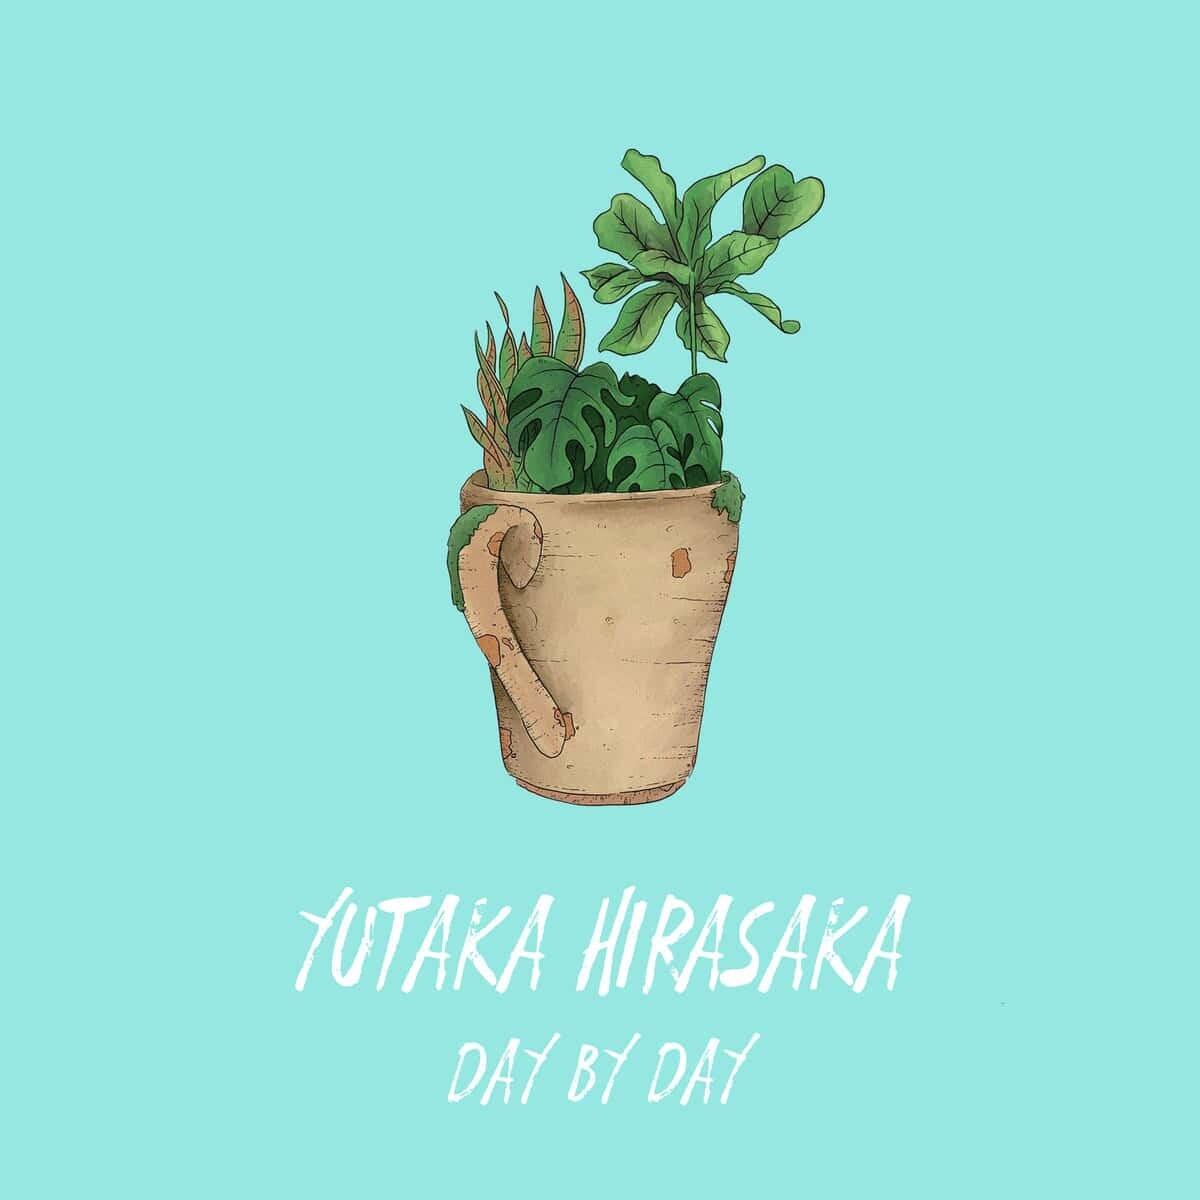 yutaka hirasaka - Day By Day